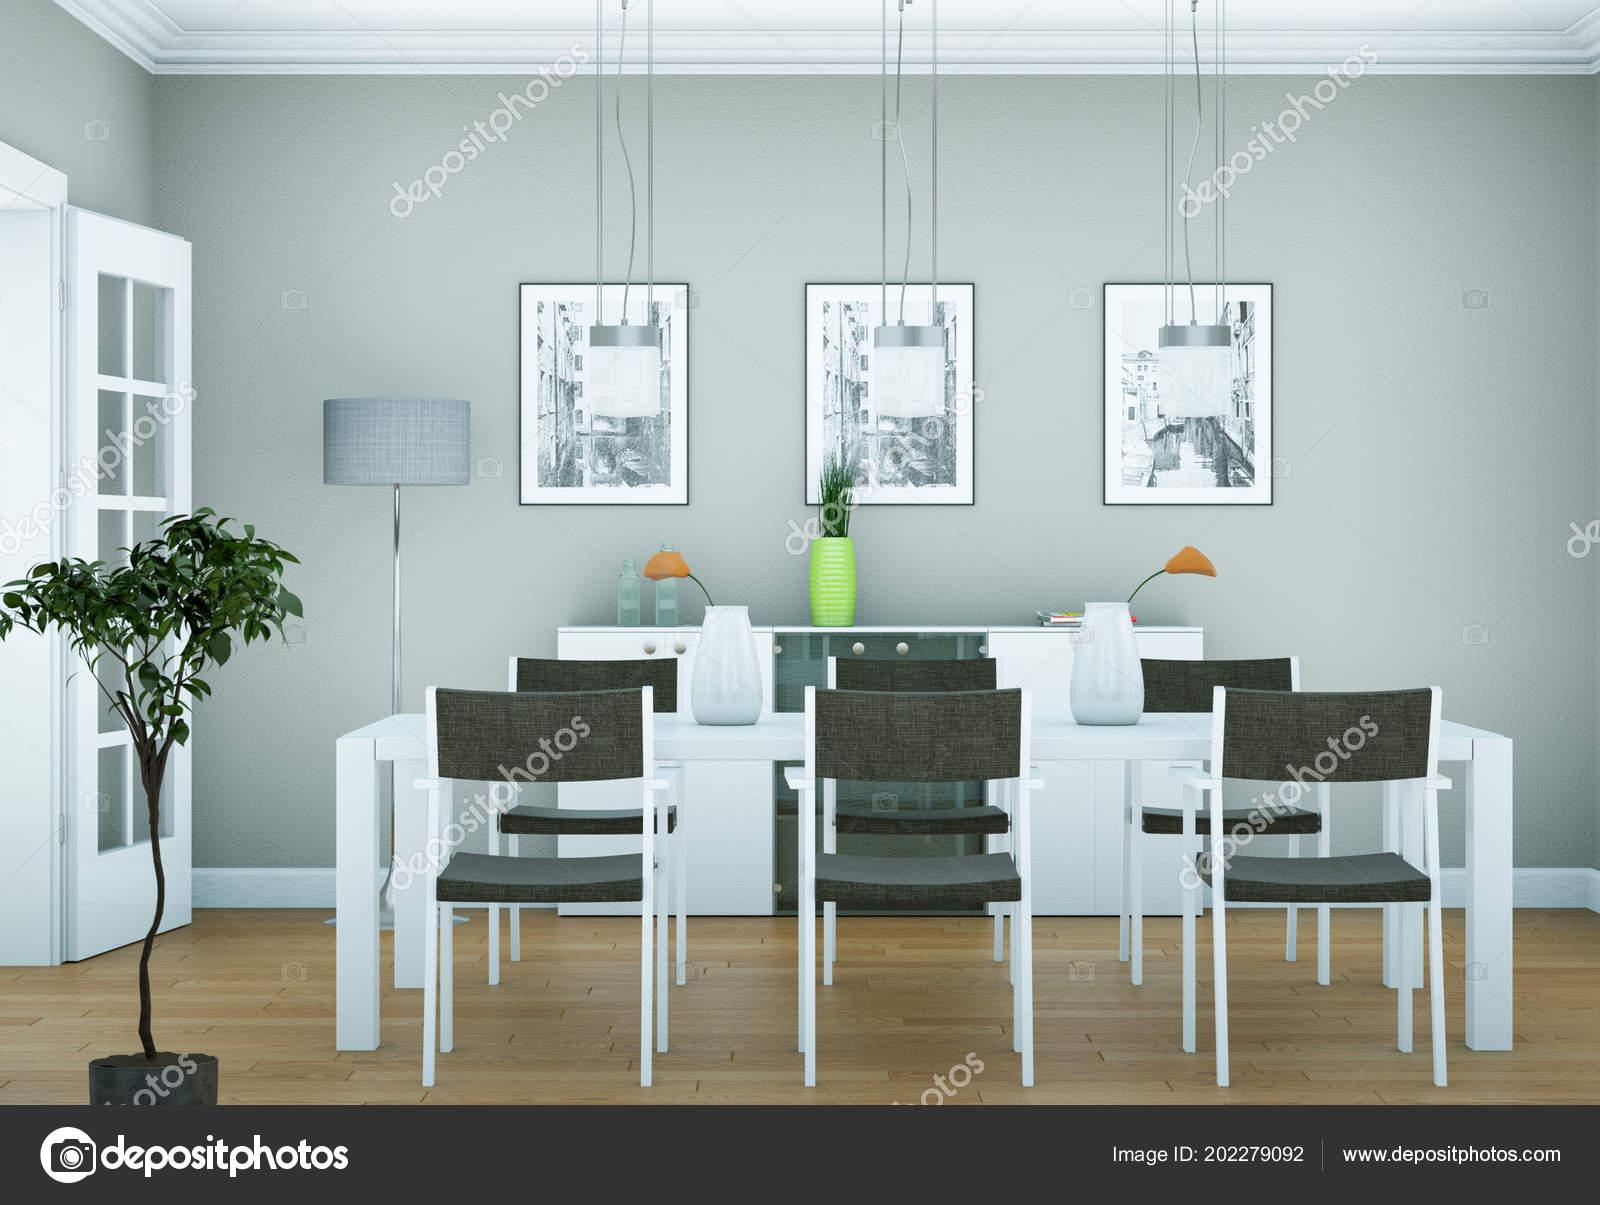 Dise o de interiores sala comedor en apartamento moderno for Diseno de interiores sala de estar comedor